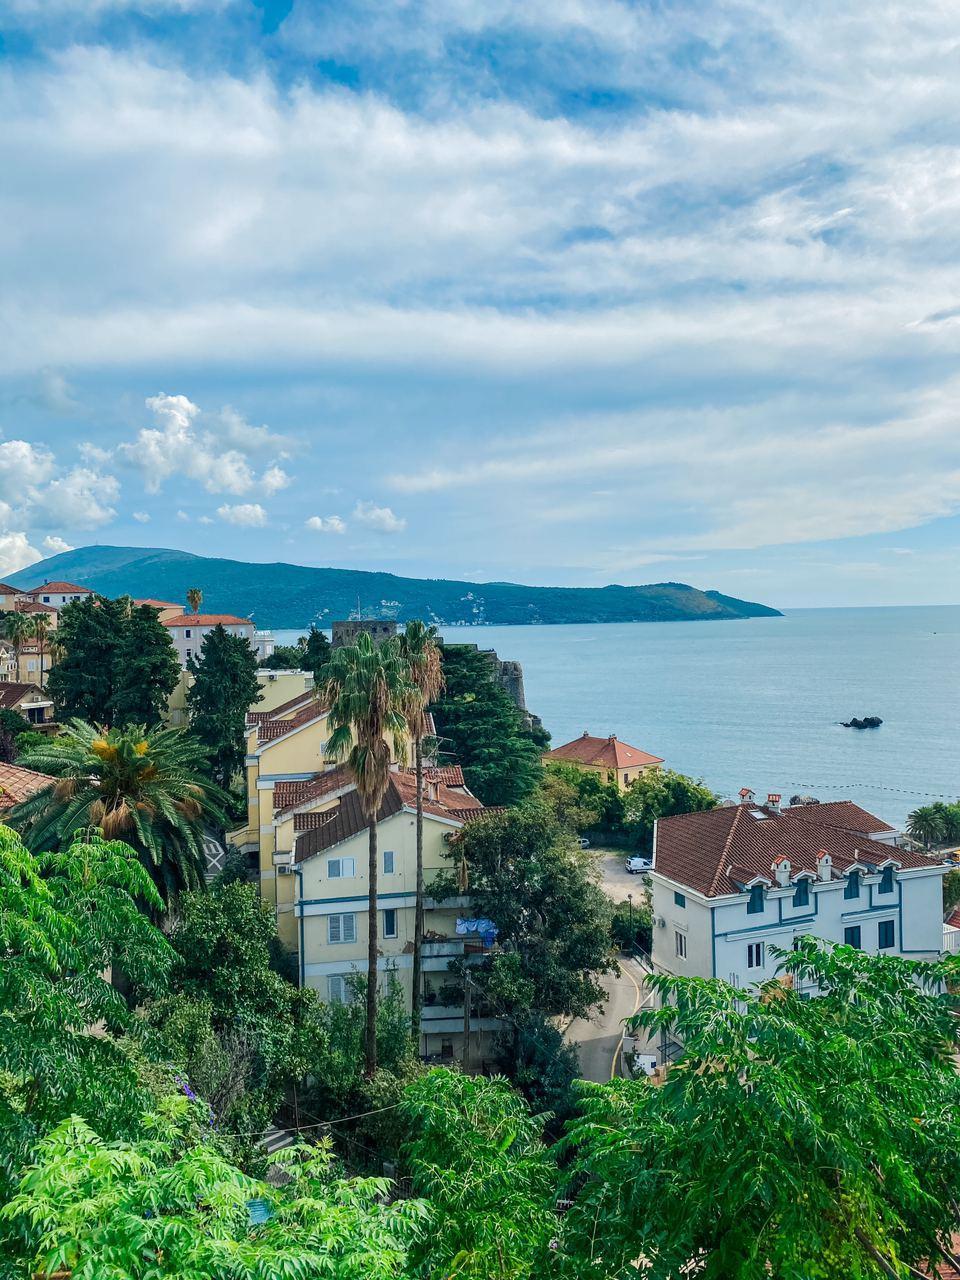 Покупка недвижимости в черногории отзывы дубай купить квартиру